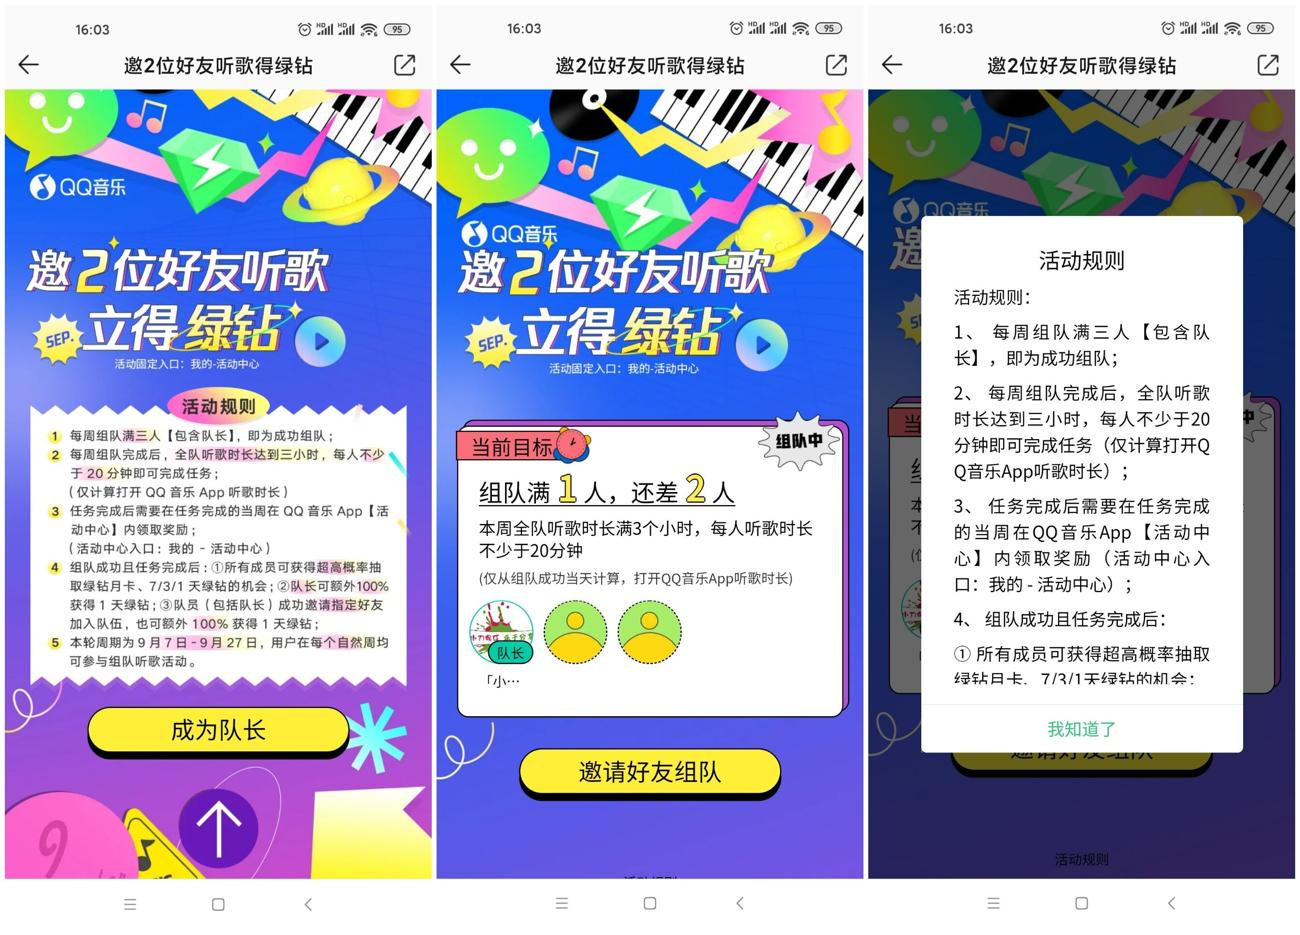 QQ音乐组队抽1~31天绿钻-梦九资源网